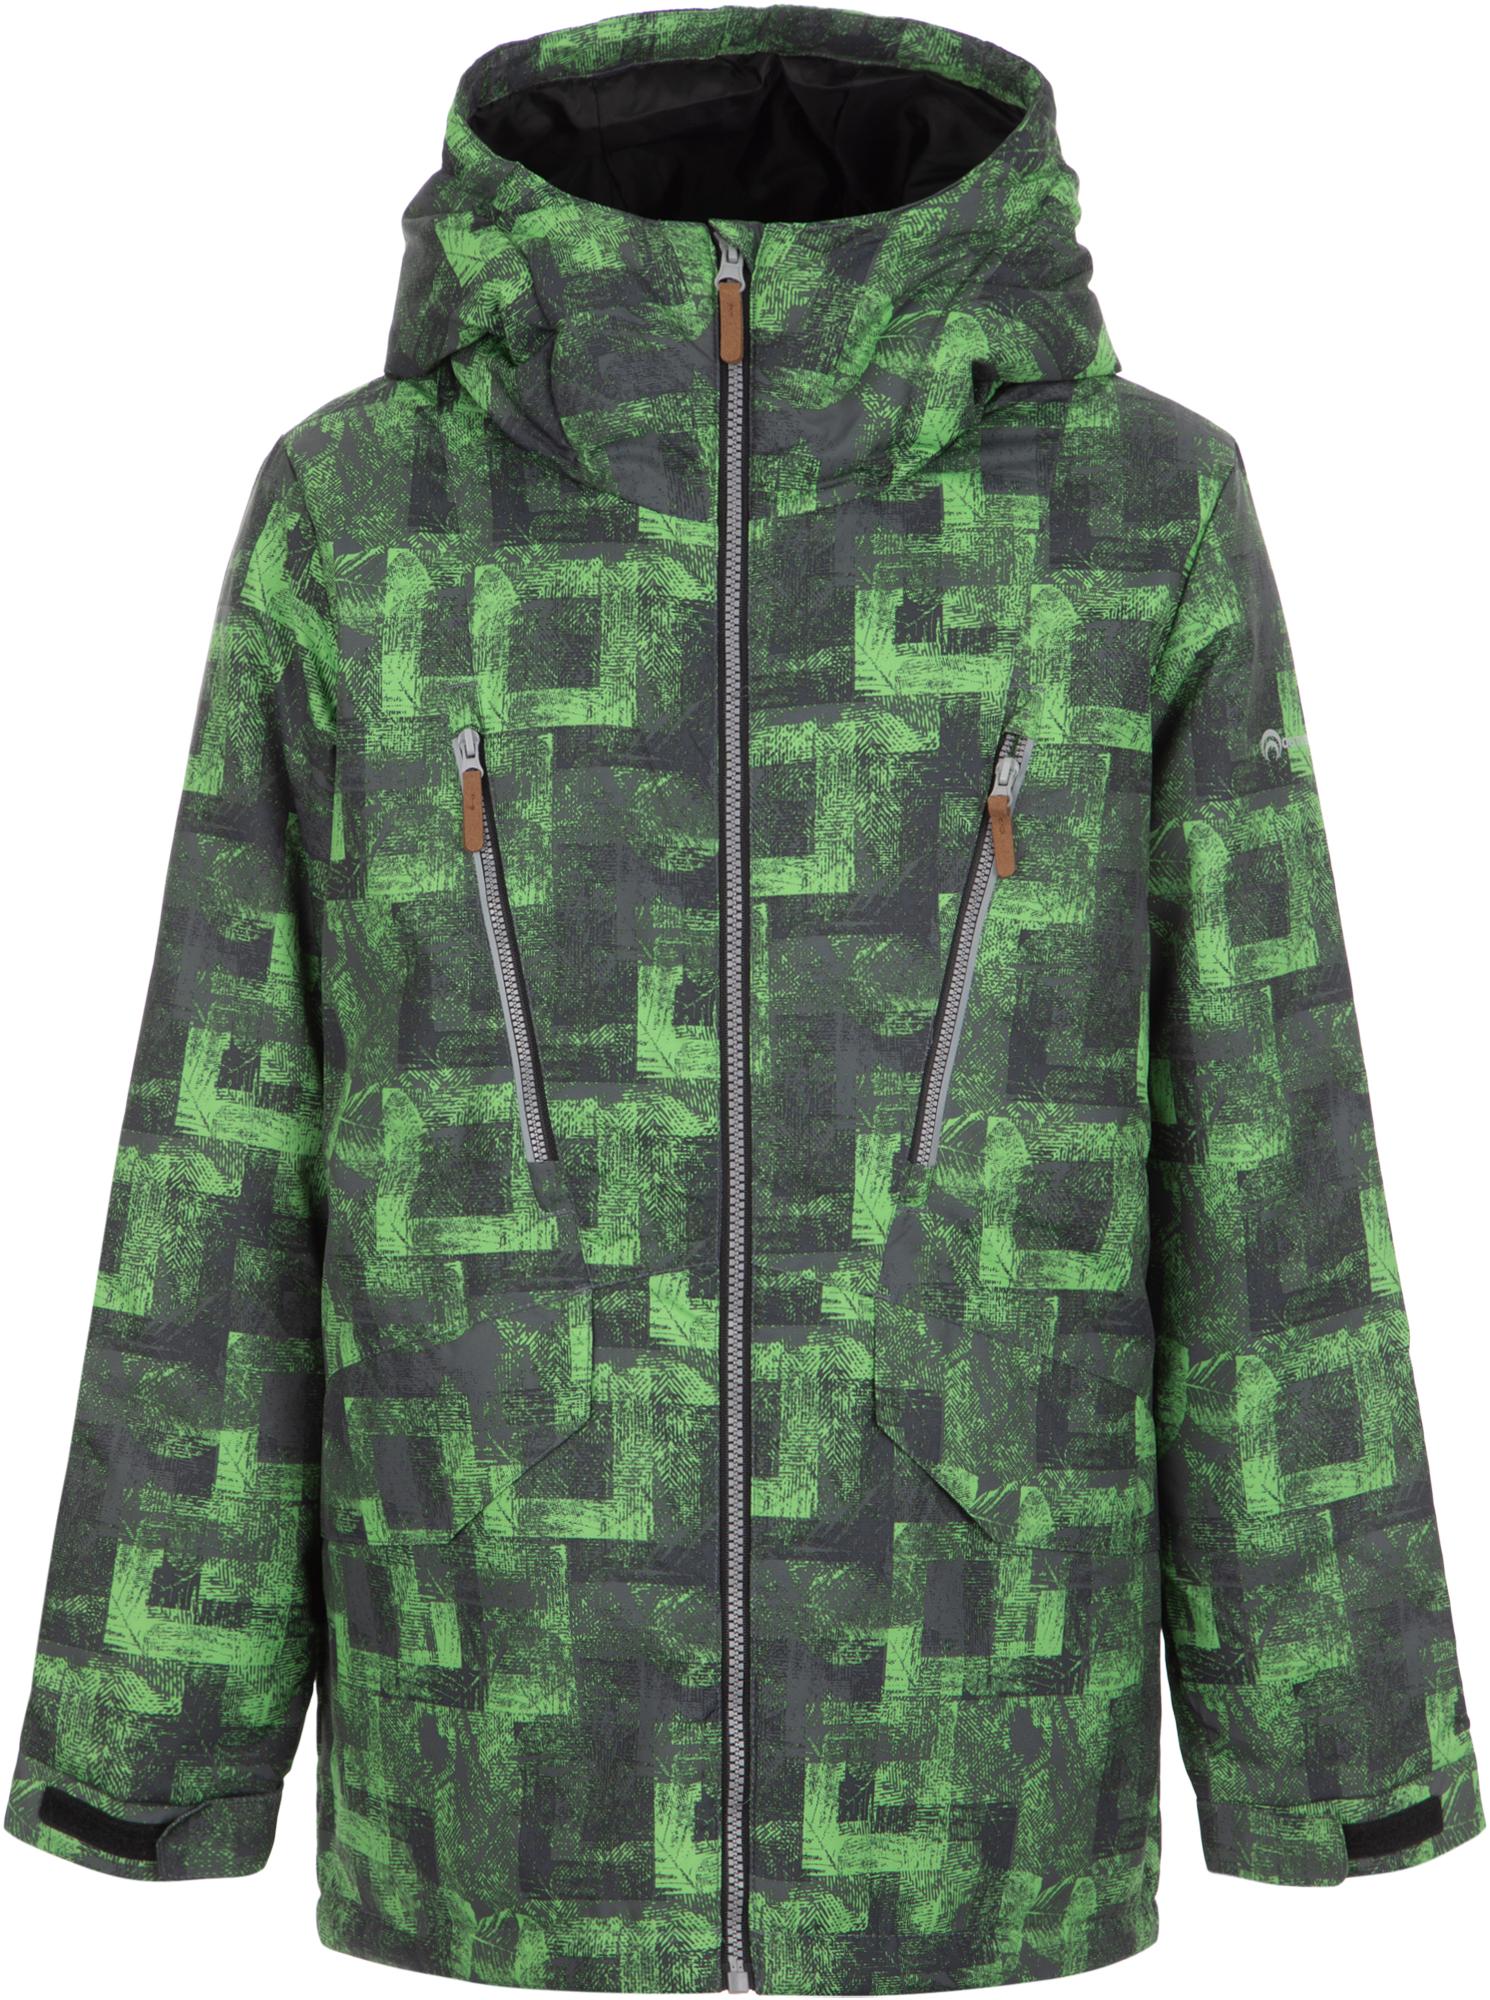 Outventure Куртка утепленная для мальчиков Outventure, размер 170 куртка женская oodji ultra цвет бежевый 10304291 19781 3300n размер 34 170 40 170